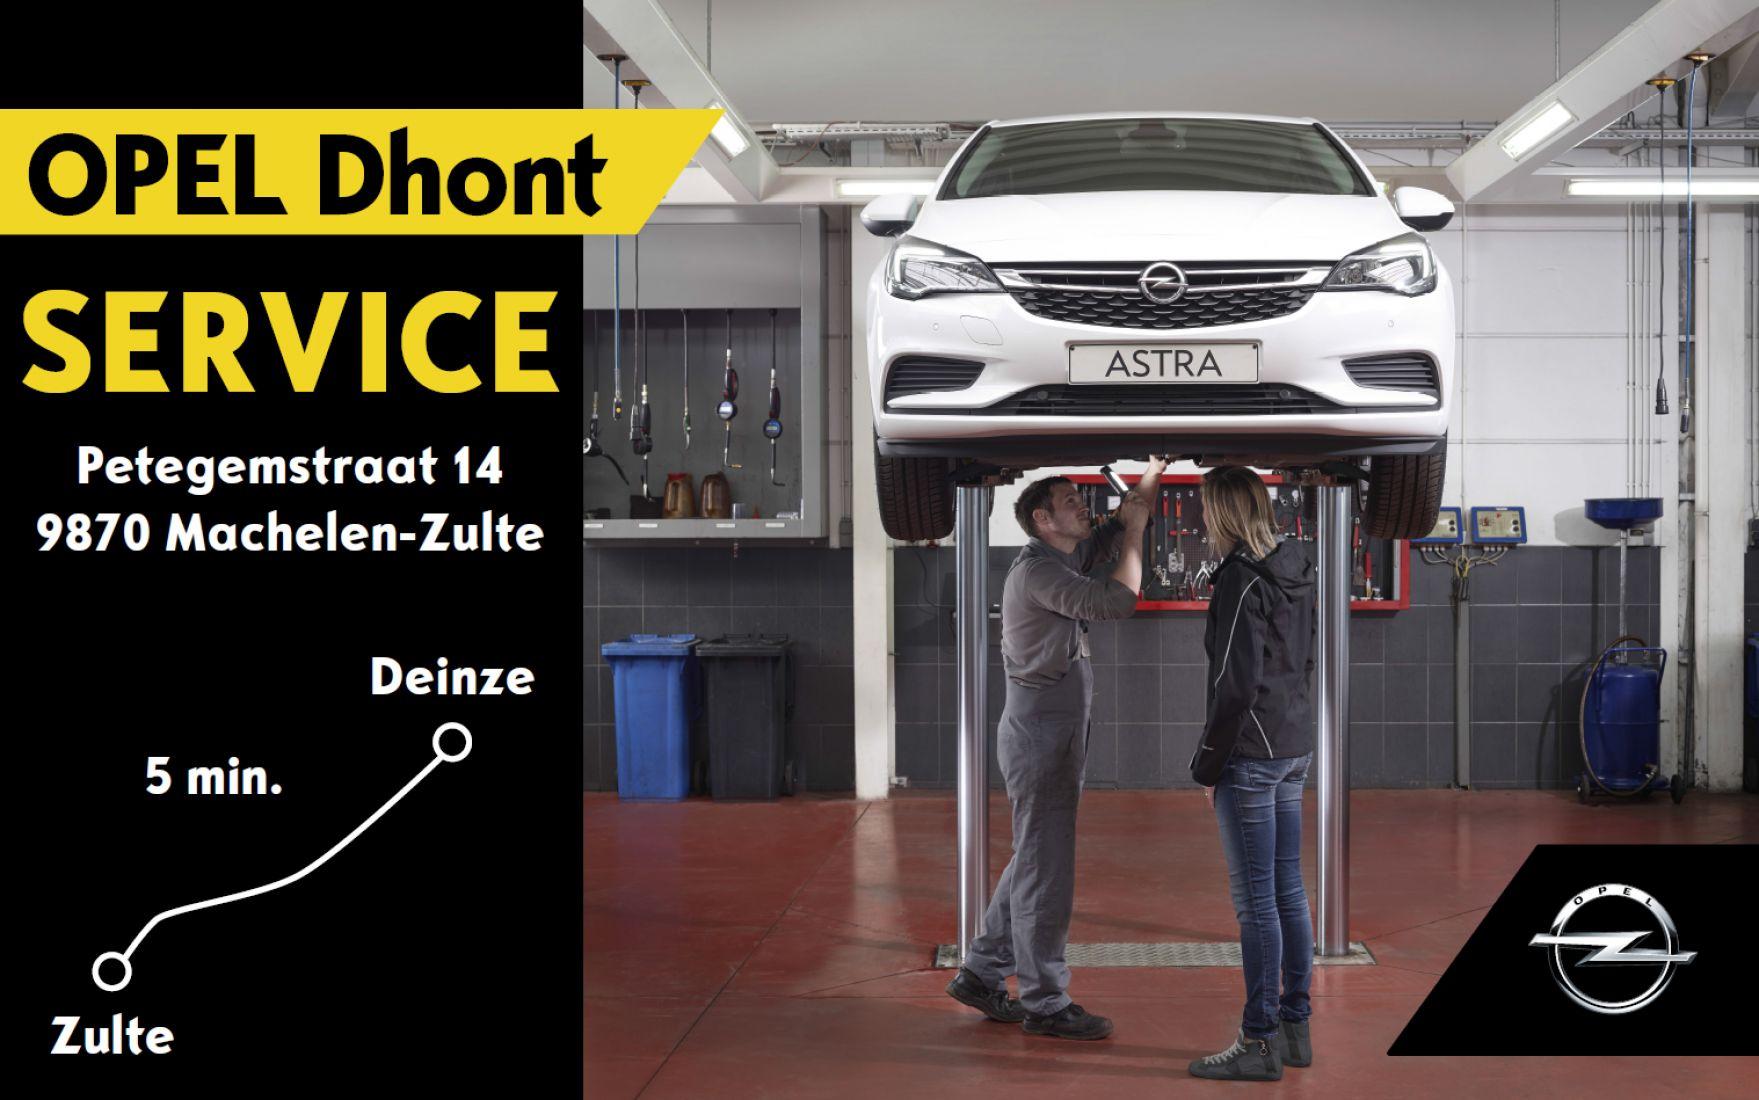 Opel - Zulte